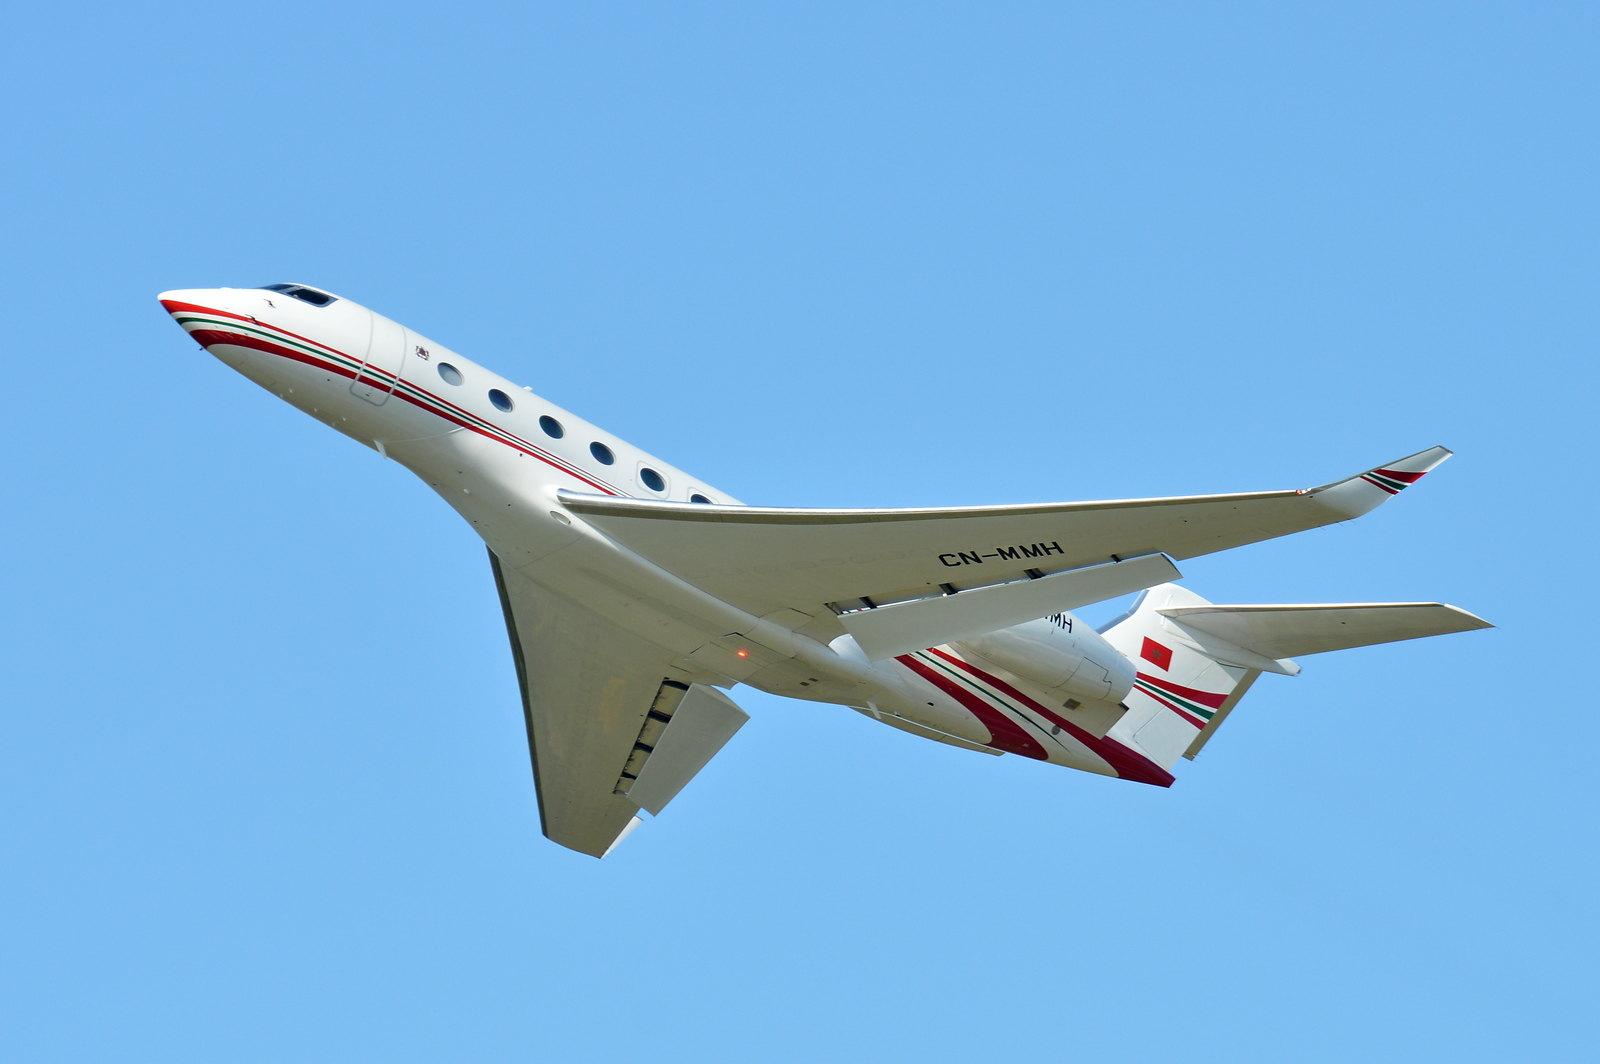 FRA: Avions VIP, Liaison & ECM - Page 23 48892087976_a5c79f42a6_h